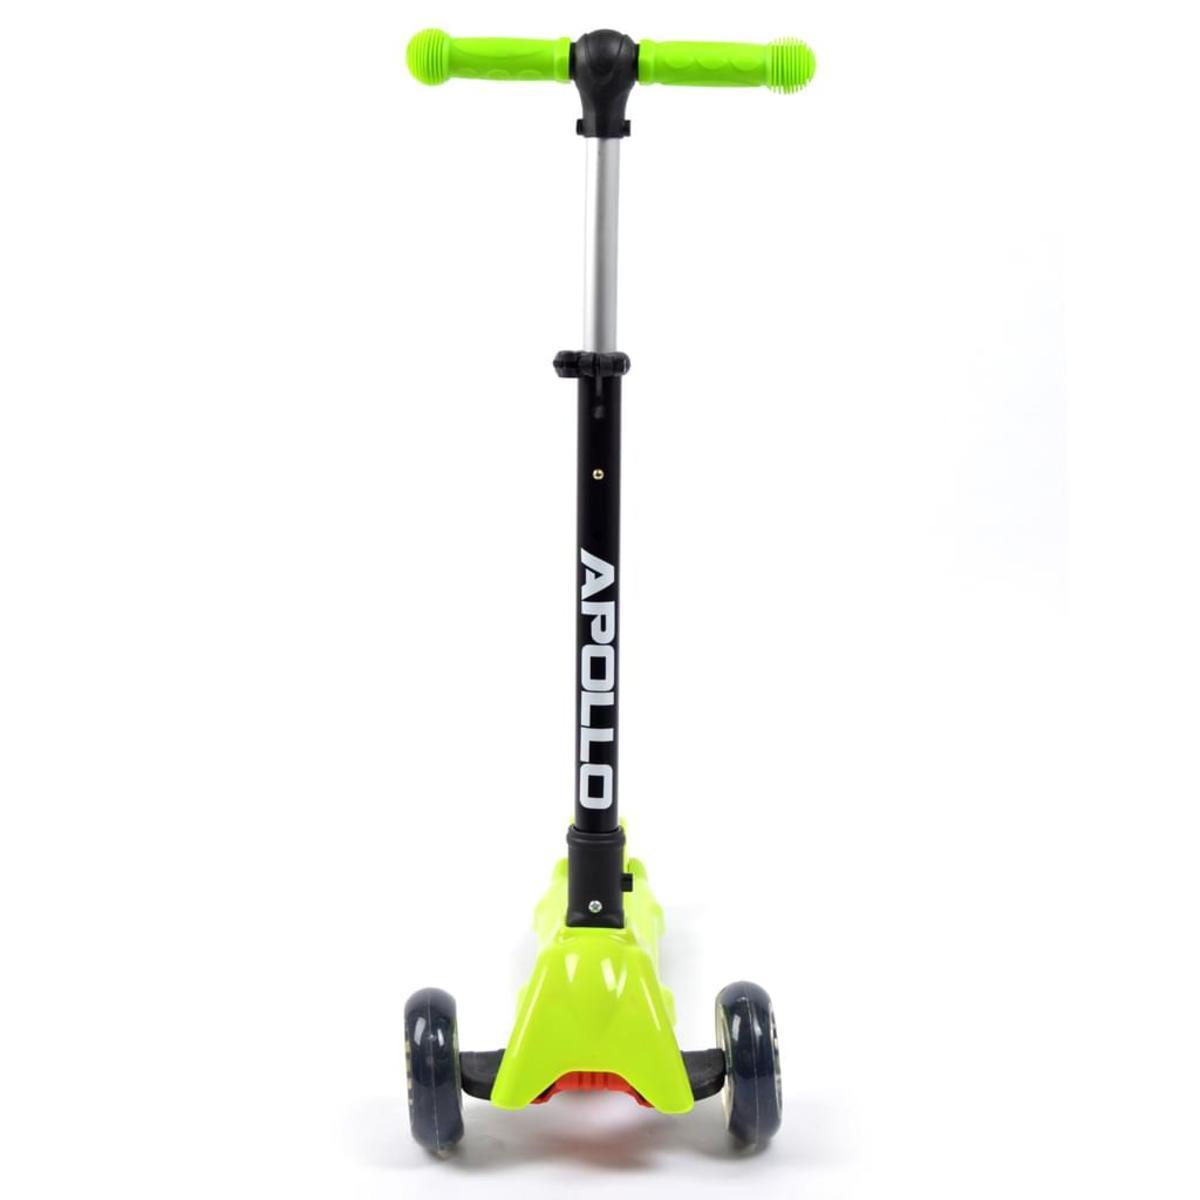 Bild 5 von Apollo Scooter - Candy Racer LED - Grün - Kinderscooter ab 3 Jahren, faltbarer Kickboard-Scooter mit  LED Leuchtrollen